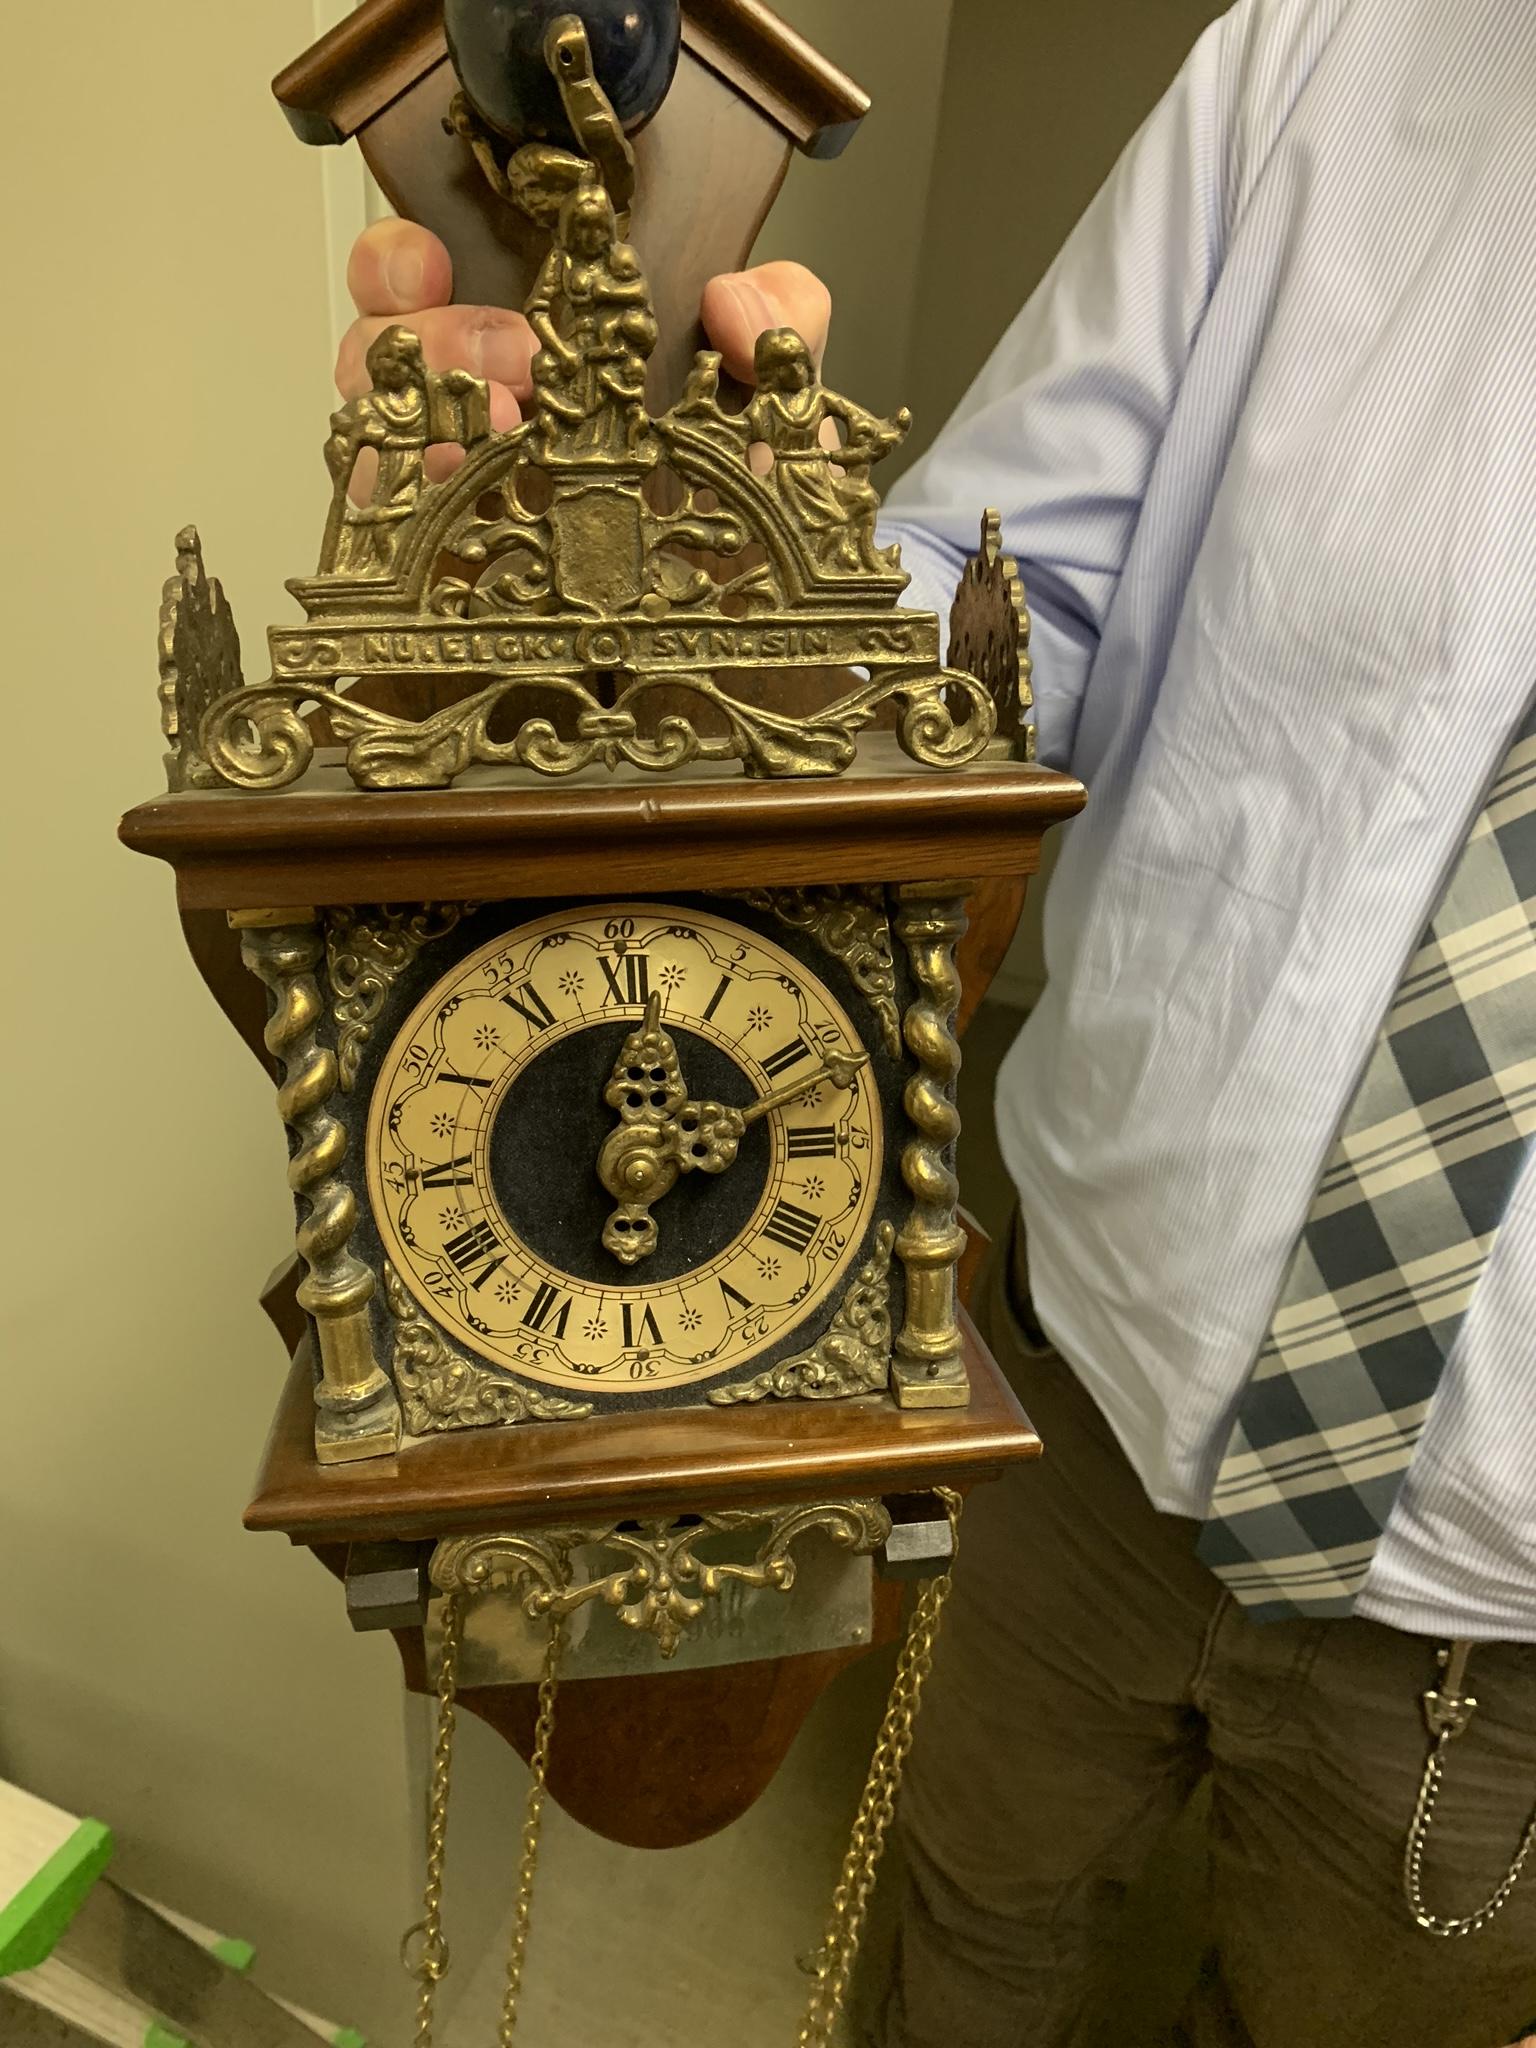 Die Uhr von Hannover96 aus dem Jahr 1969